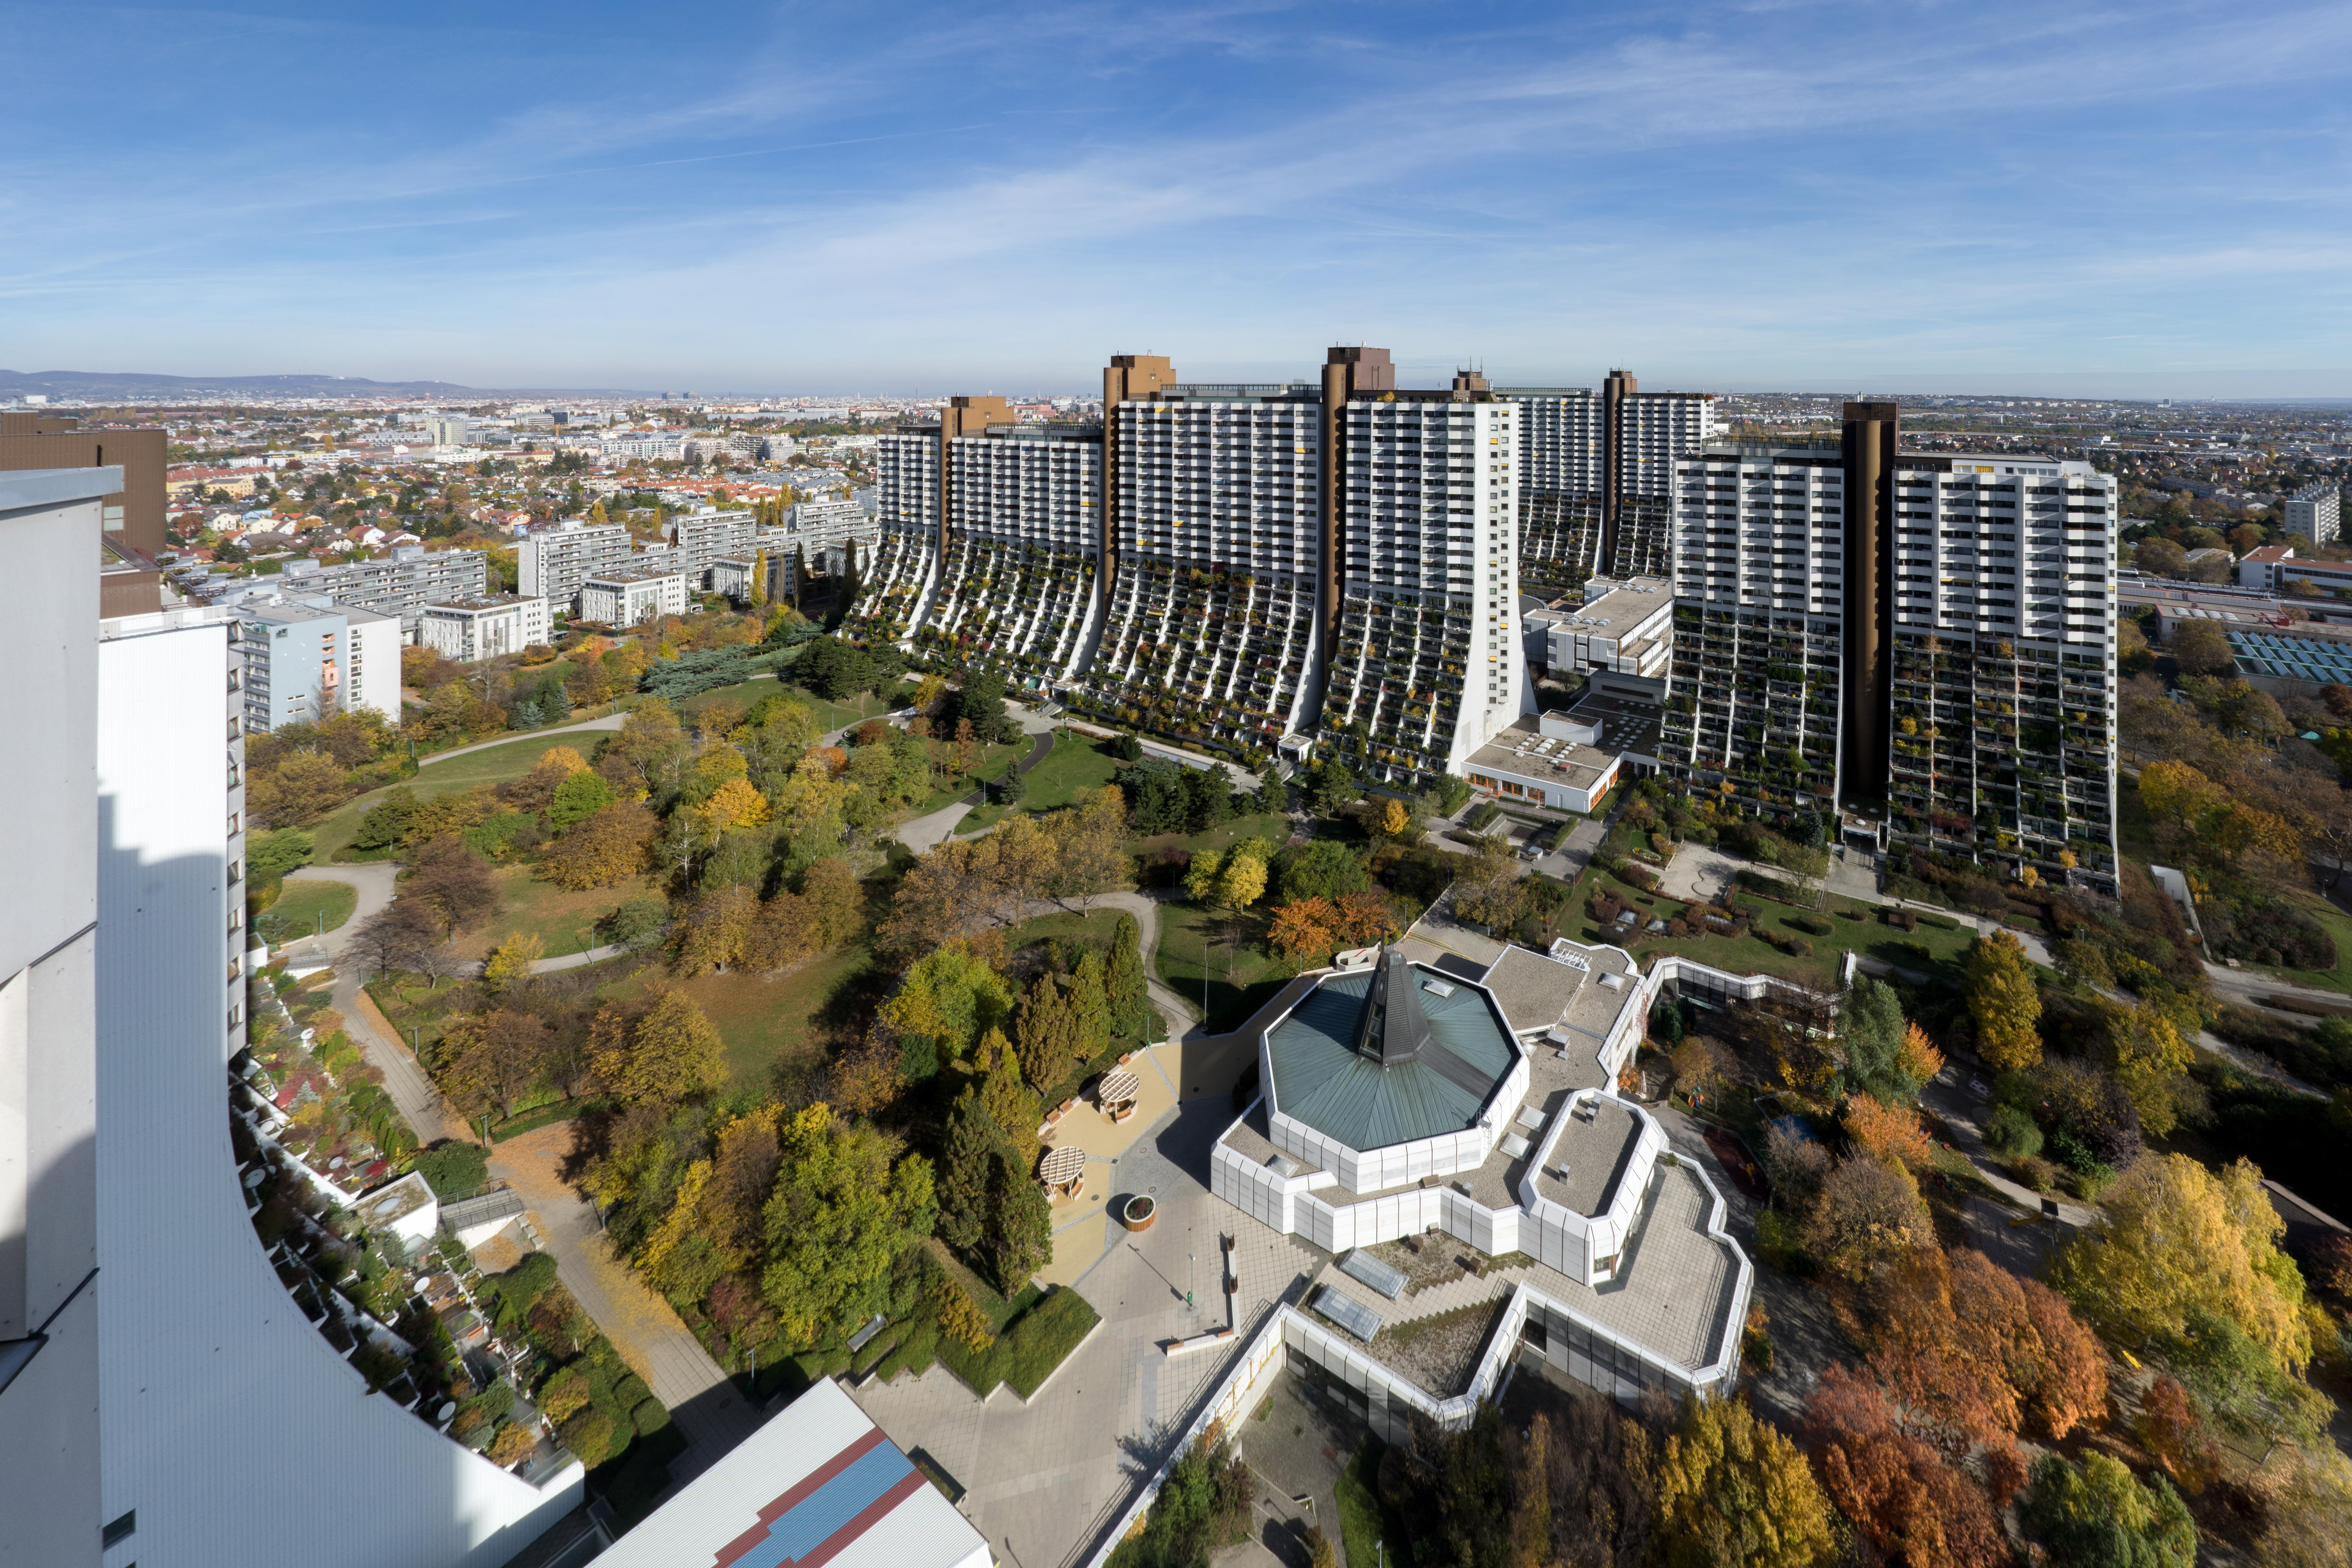 Österreichs Wohnungsmisere – mehr Markt, weniger Bürokratie wären nötig